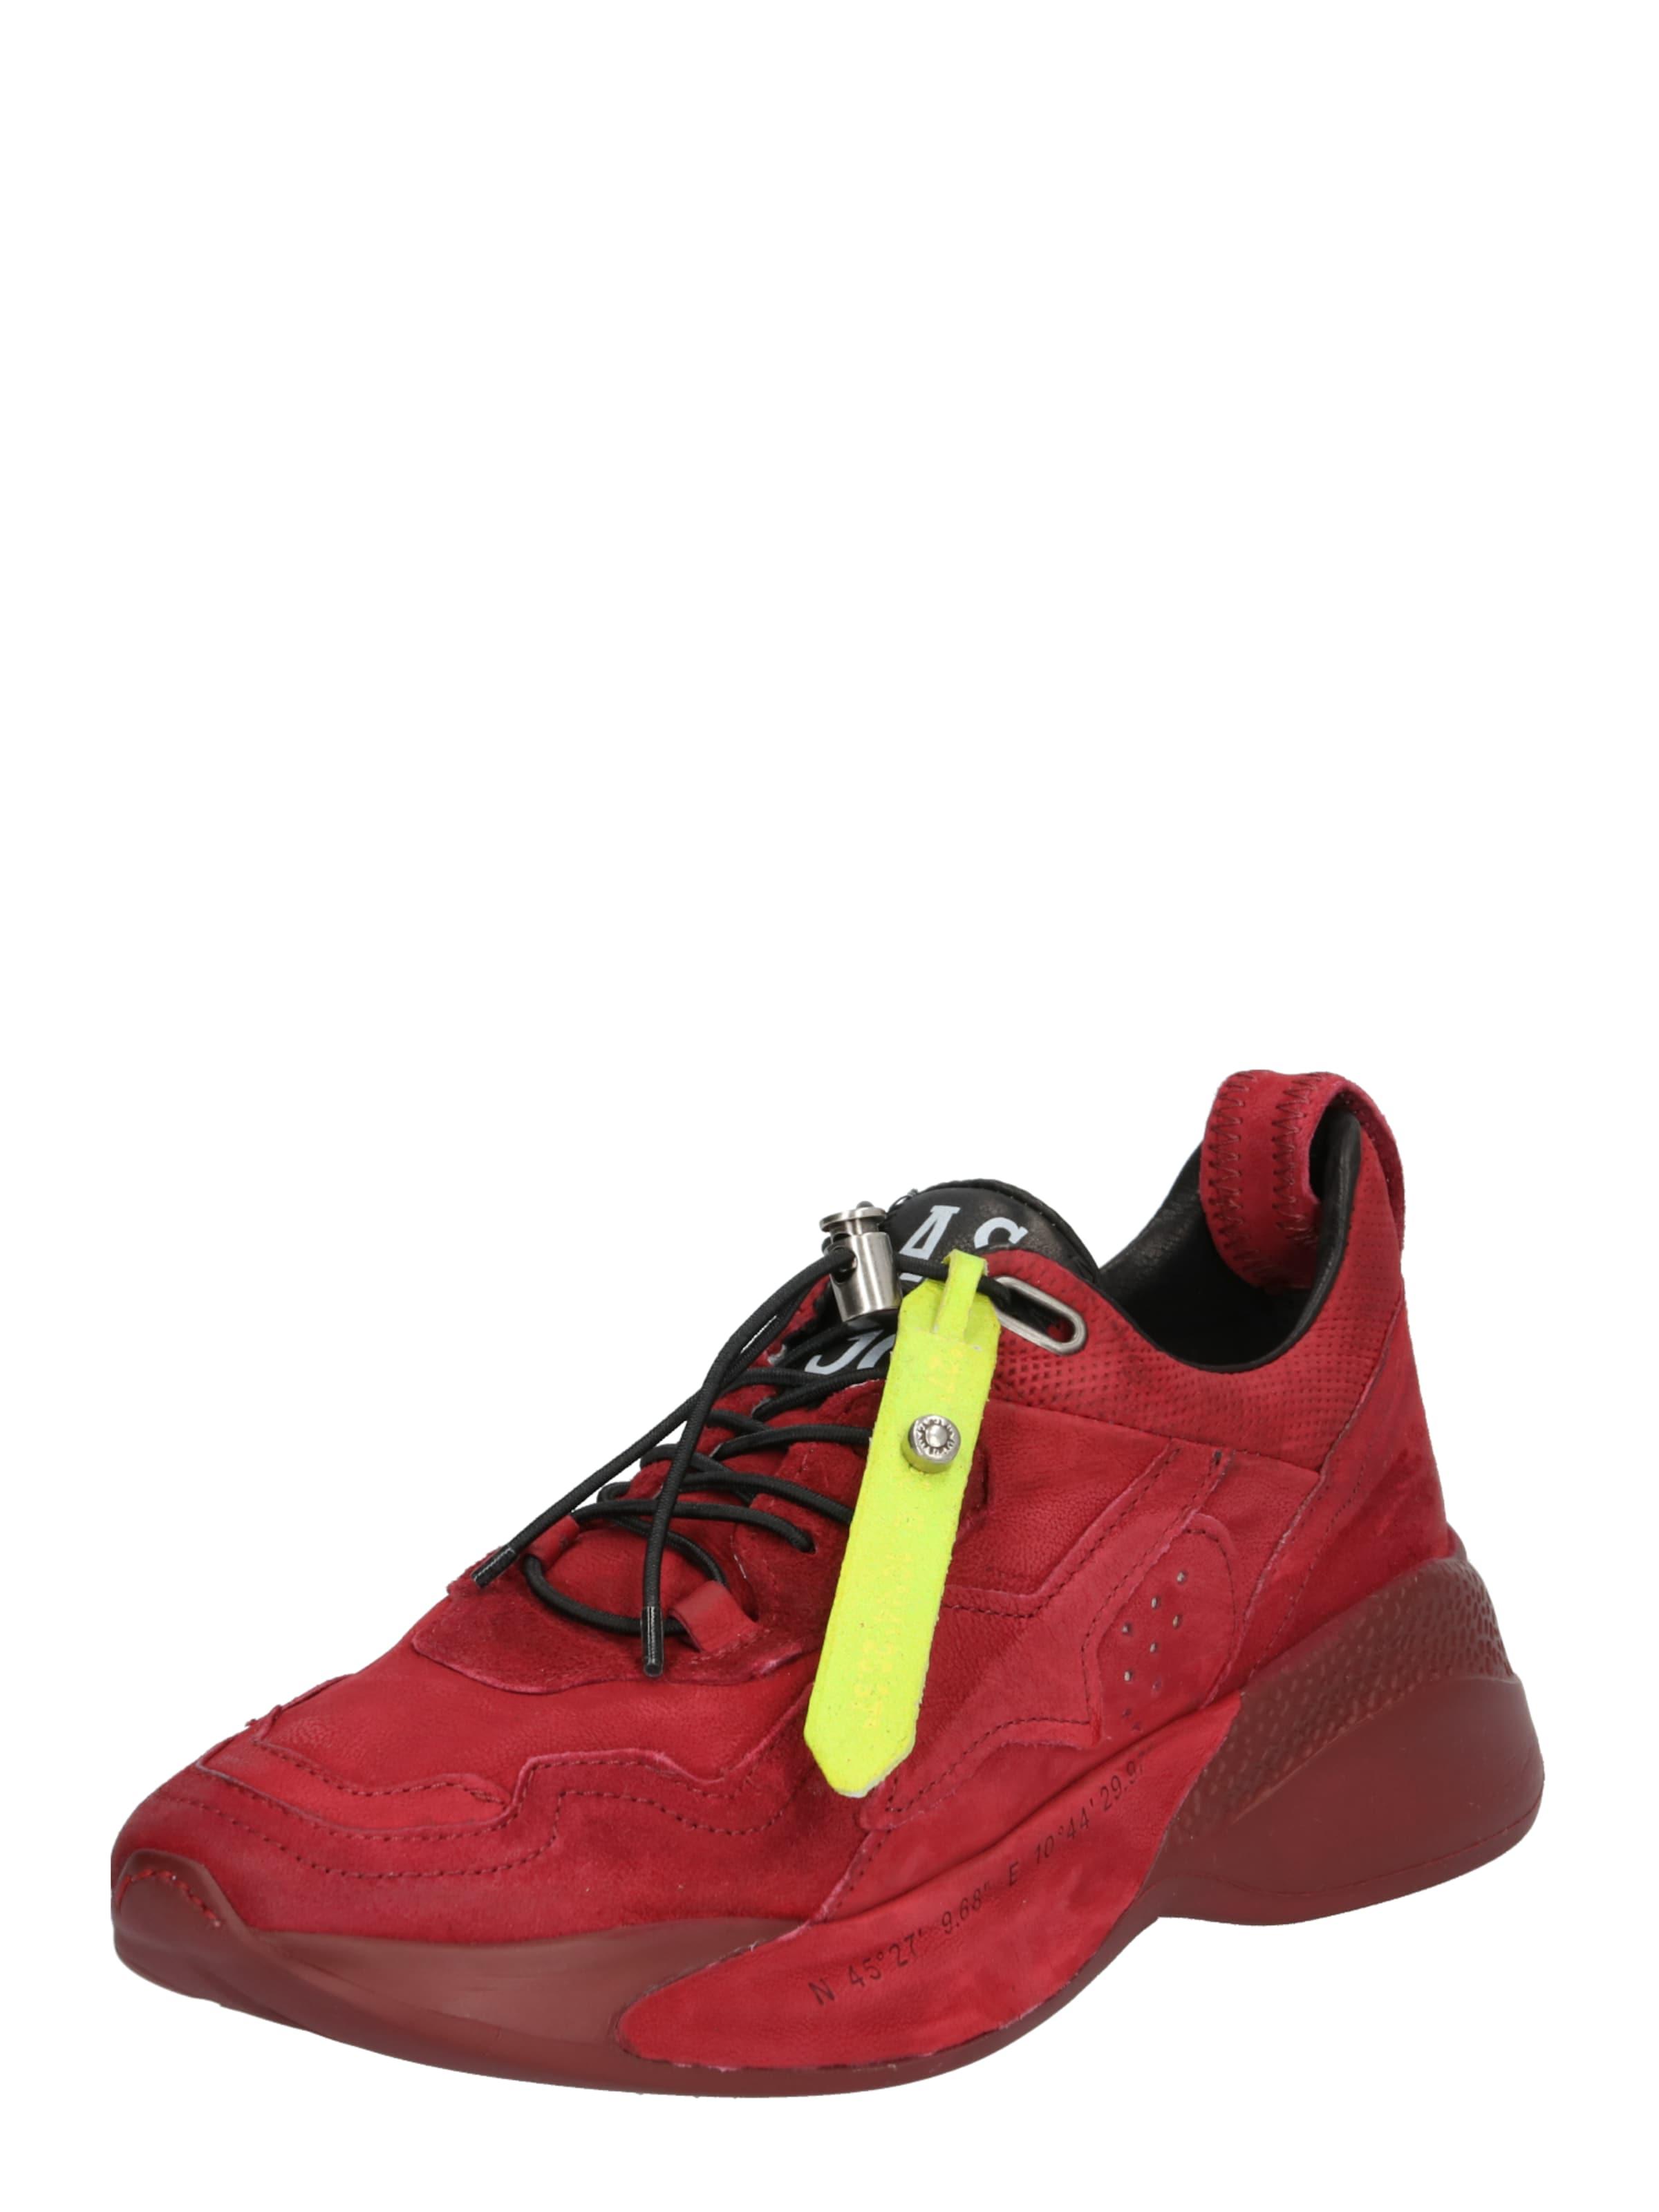 98 Foncé Baskets Rouge s Basses A En CerxBQdoW